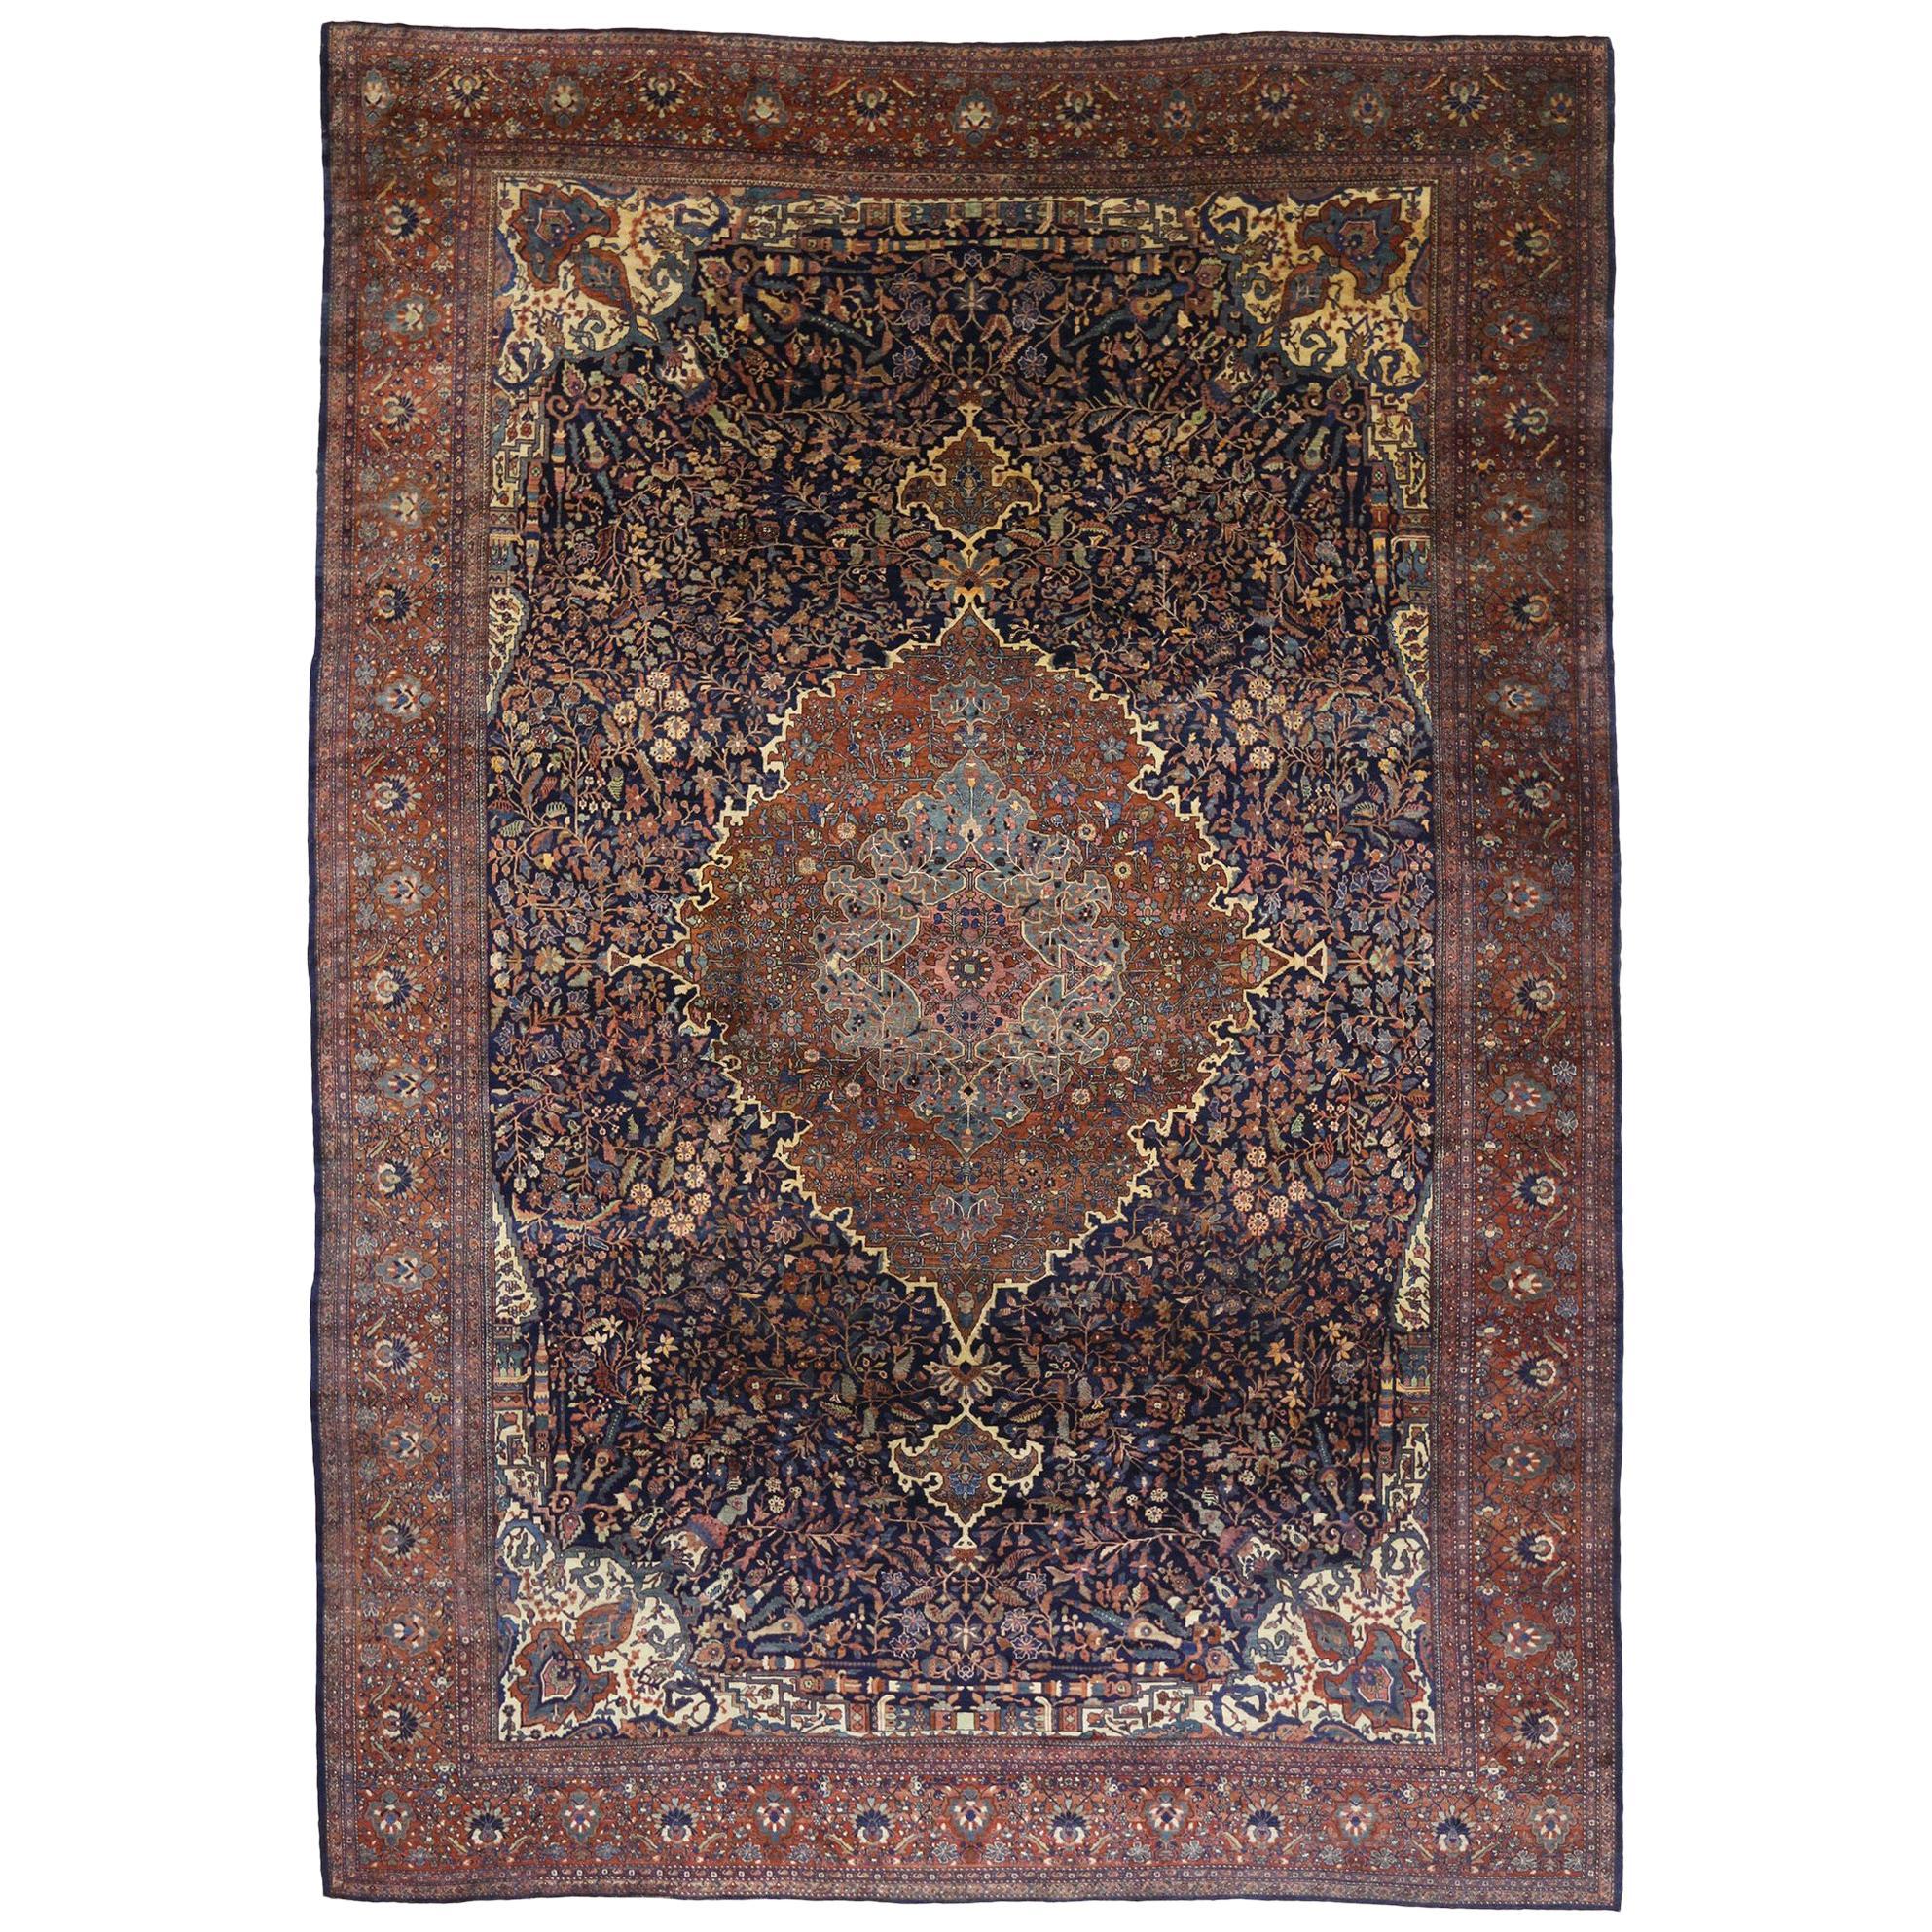 Antique Persian Sarouk Farahan Rug, Persian Palace Size Rug